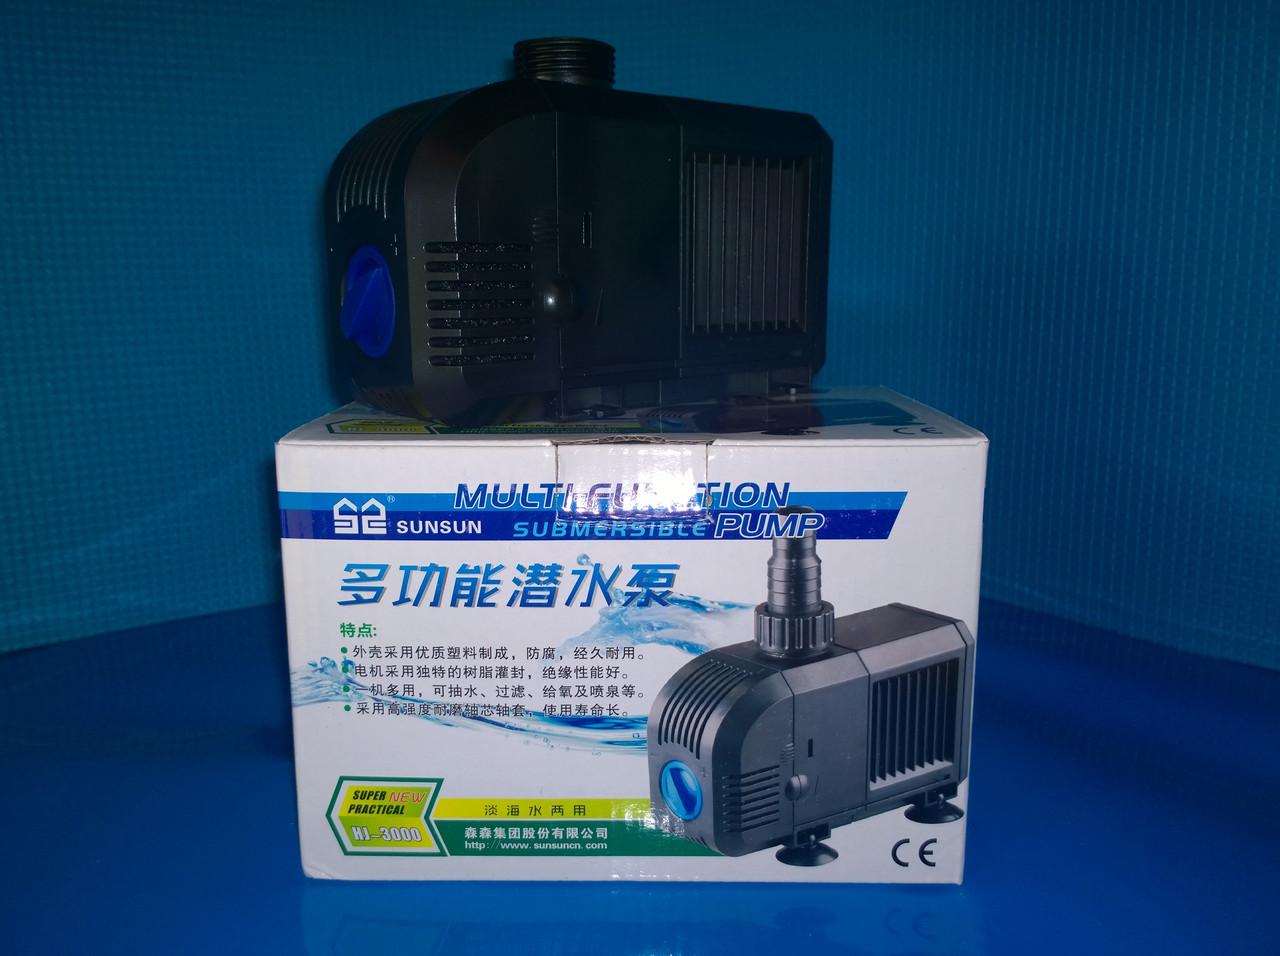 Фонтанный насос SUNSUN HJ-3000,  3м, 3000l/h, 55W, с регулировкой мощности